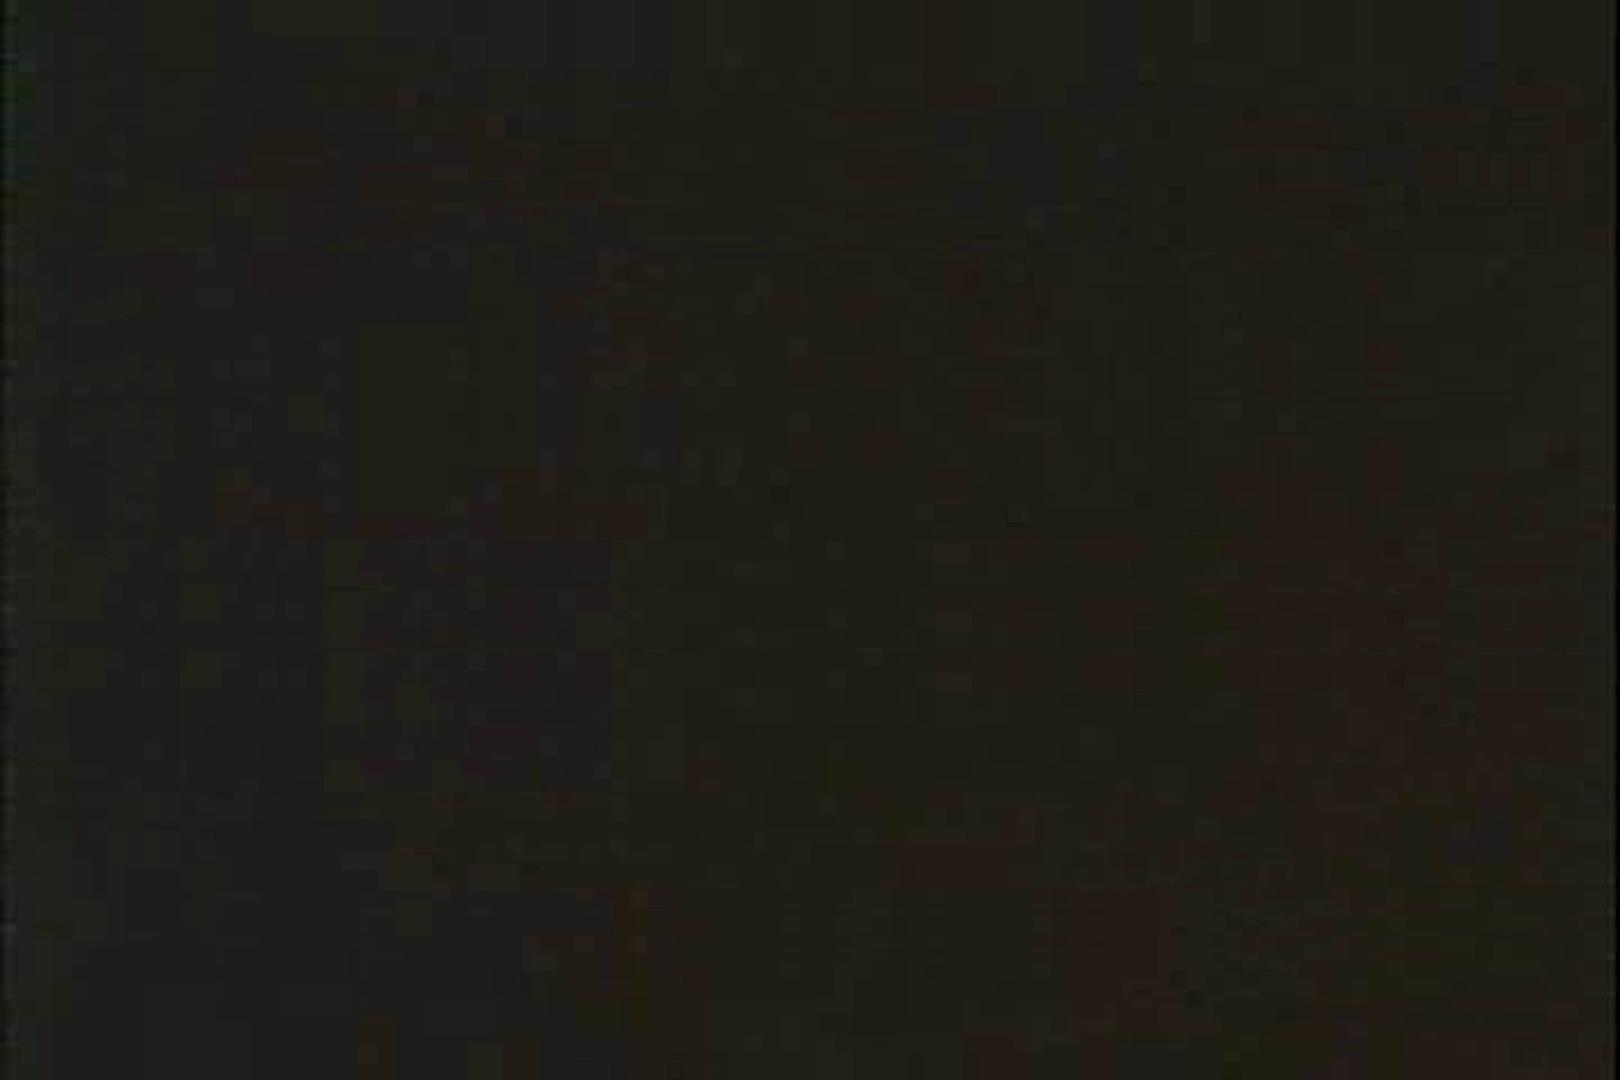 「ちくりん」さんのオリジナル未編集パンチラVol.6_01 盗撮師作品 ヌード画像 95pic 23